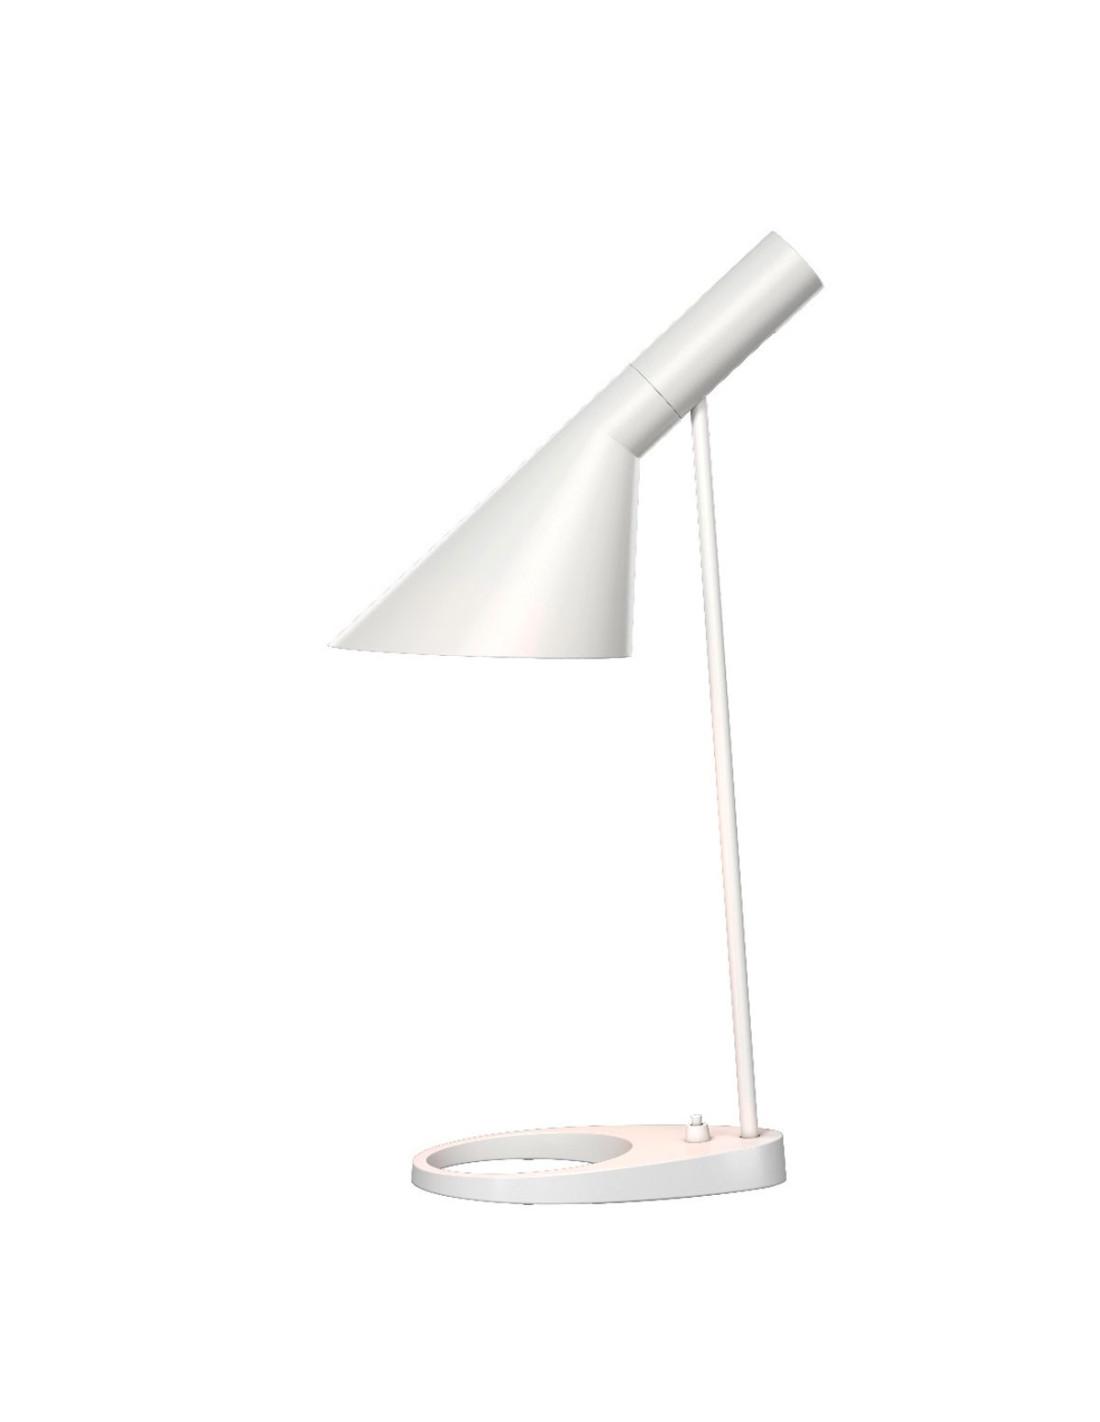 lampe de table aj design arne jacobsen pour louis poulsen la boutique danoise. Black Bedroom Furniture Sets. Home Design Ideas